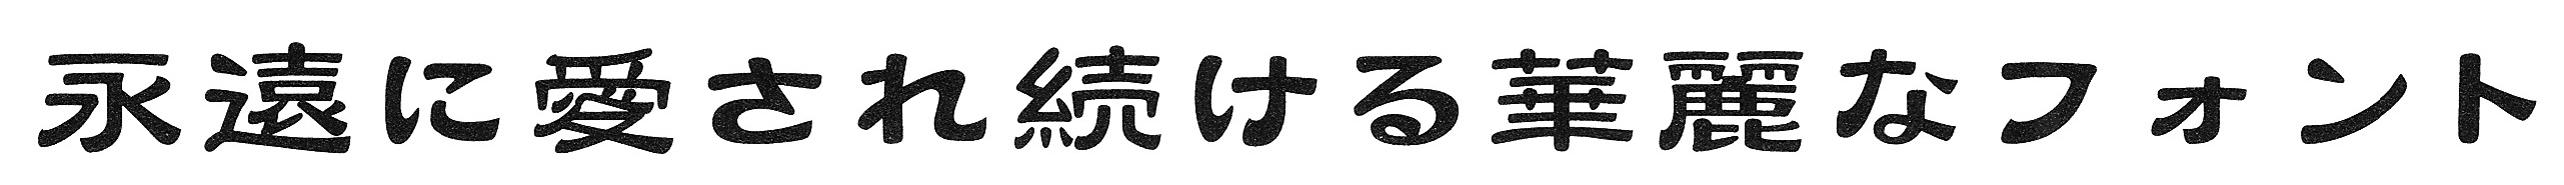 D_唐風隷書体.jpg